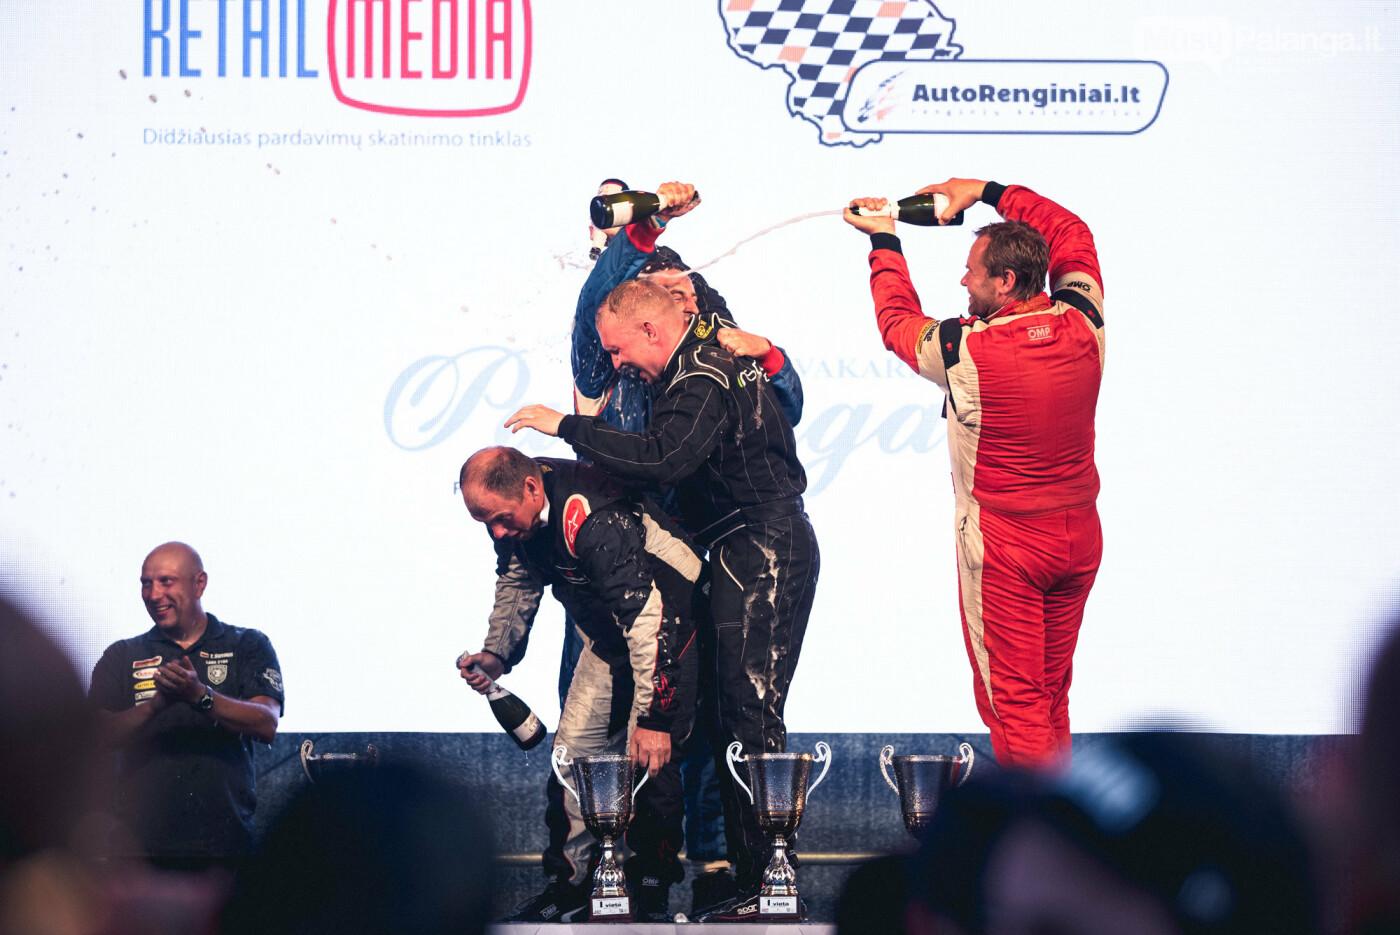 """""""Aurum 1006 km"""" lenktynėse Palangoje – praėjusių metų nugalėtojų triumfas , nuotrauka-20, Vytauto PILKAUSKO ir Arno STRUMILOS nuotr."""